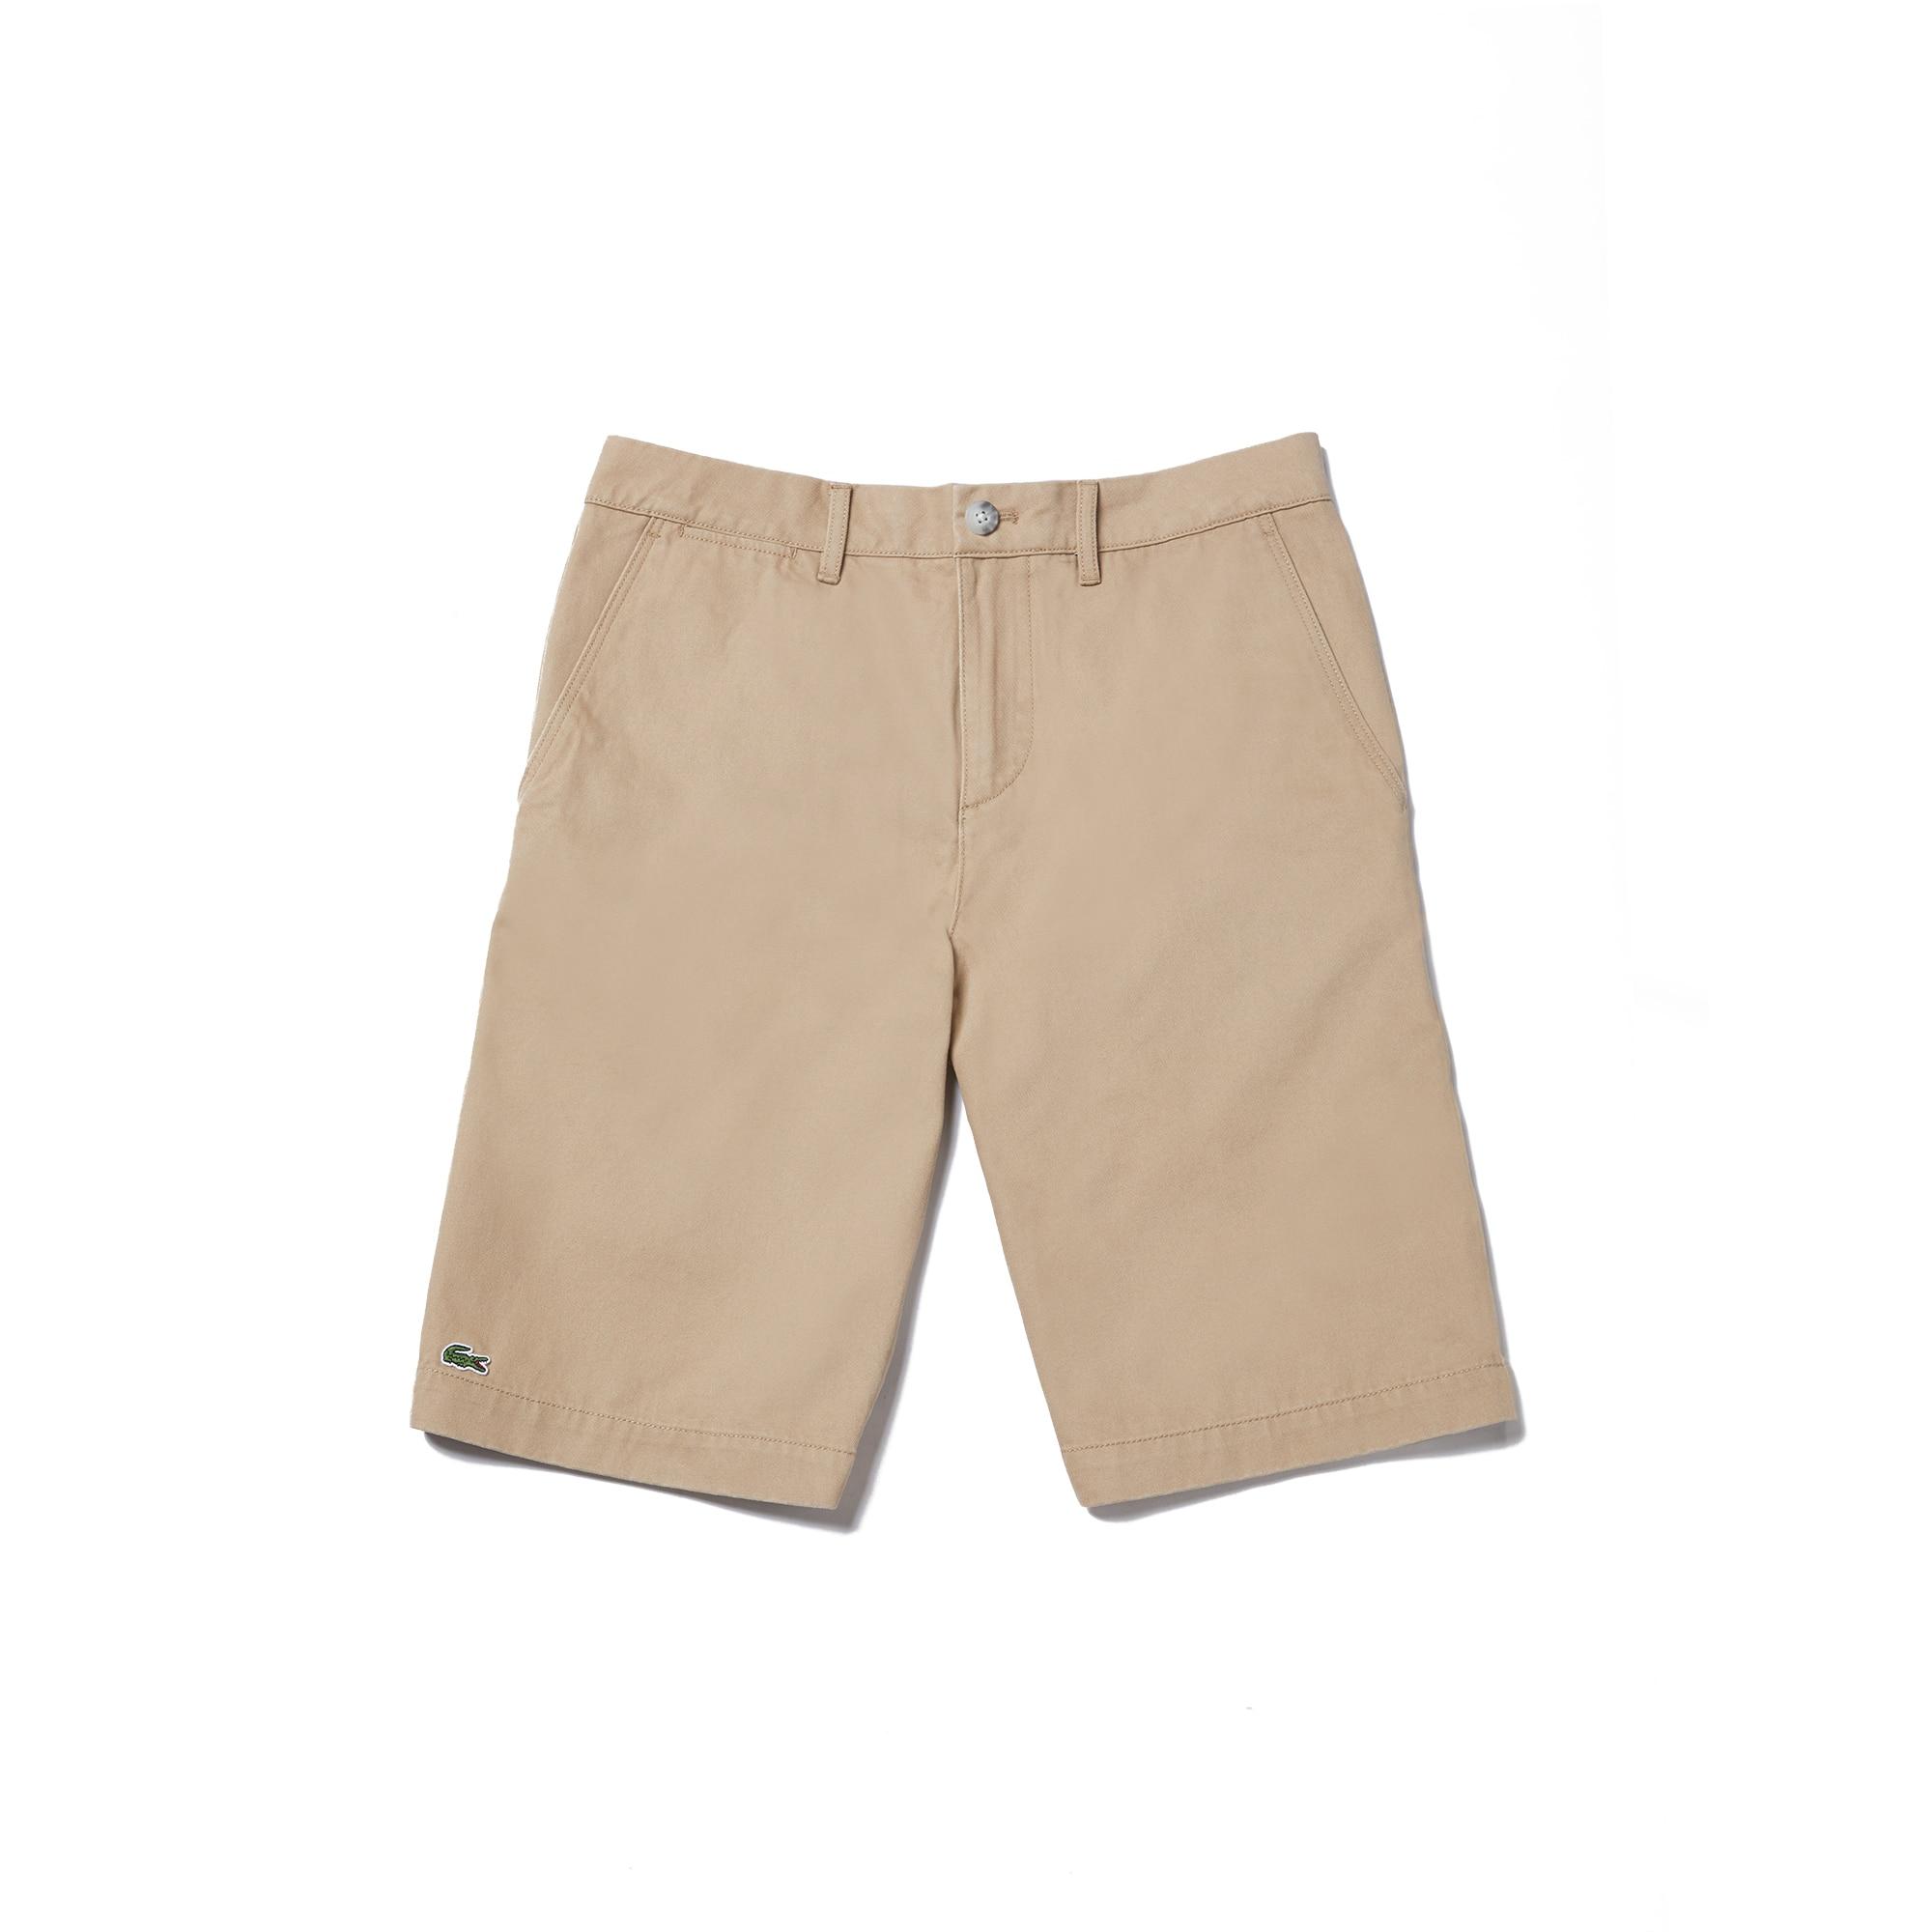 라코스테 Lacoste Mens Regular Fit Bermuda Shorts,kraft beige